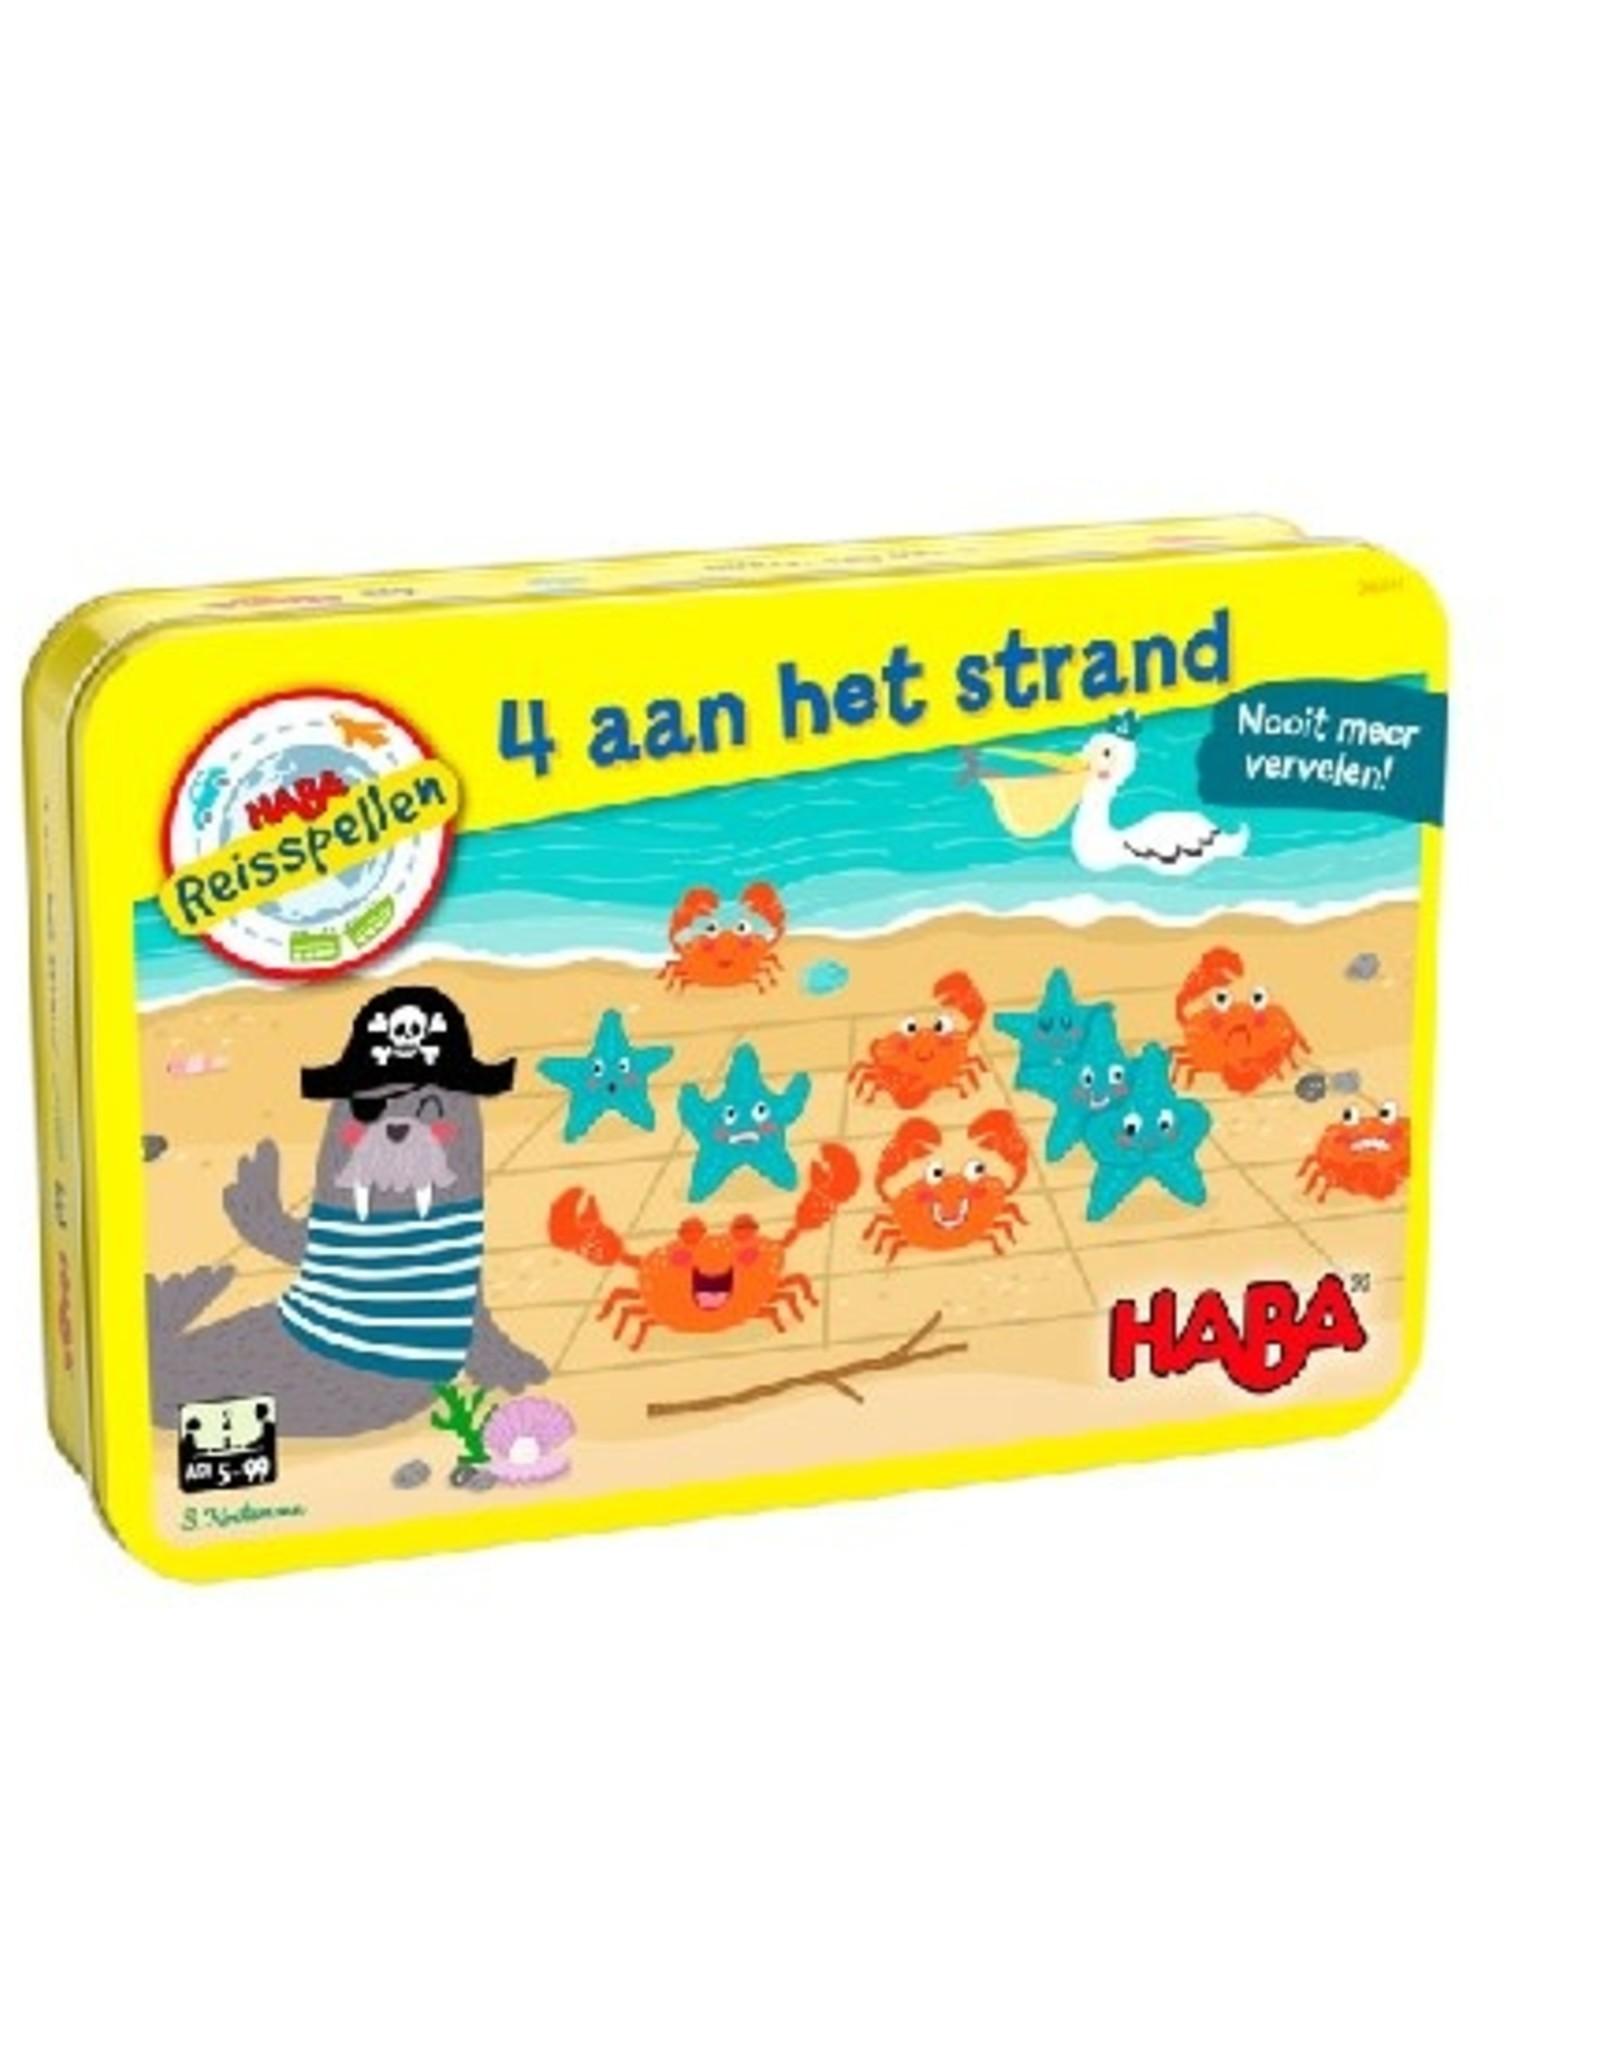 HABA 4 aan het strand